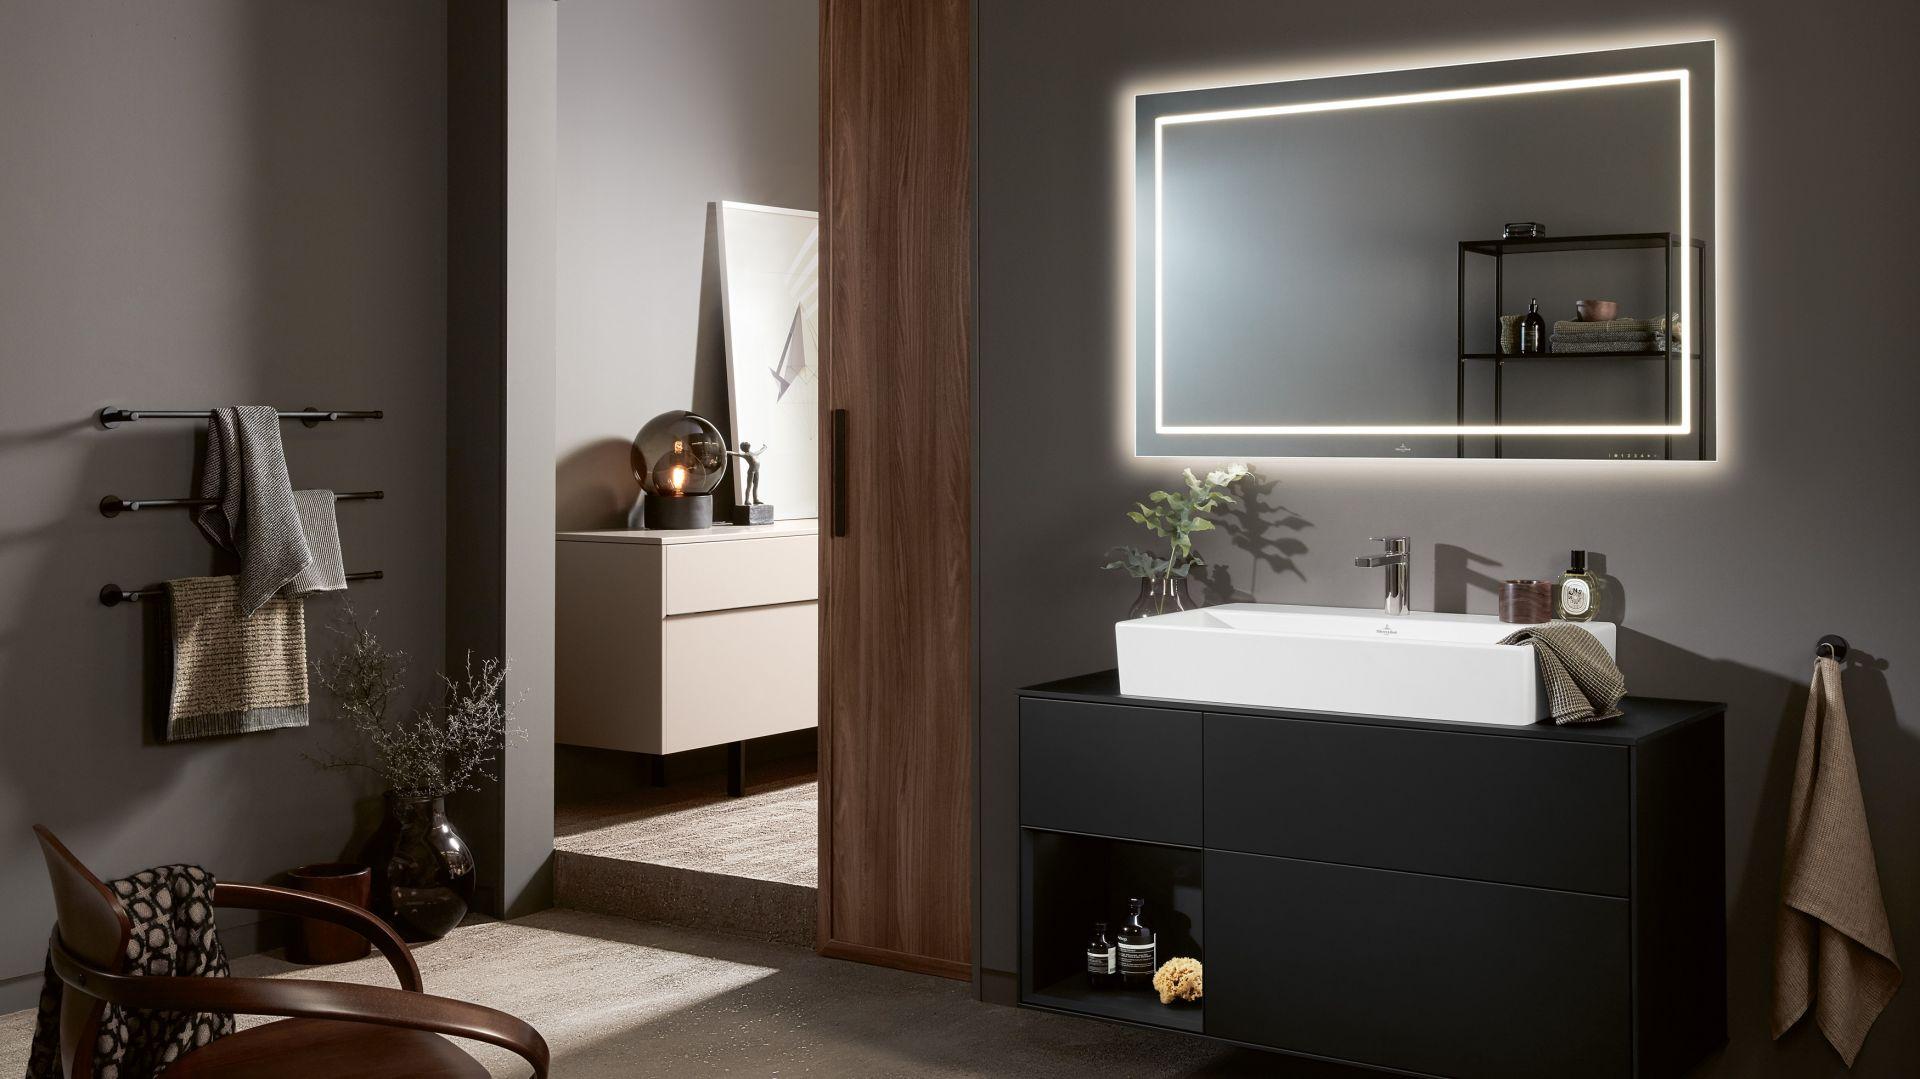 Nowoczesne meble łazienkowe z kolekcji Finion marki Villeroy&Boch. Fot. Villeroy&Boch